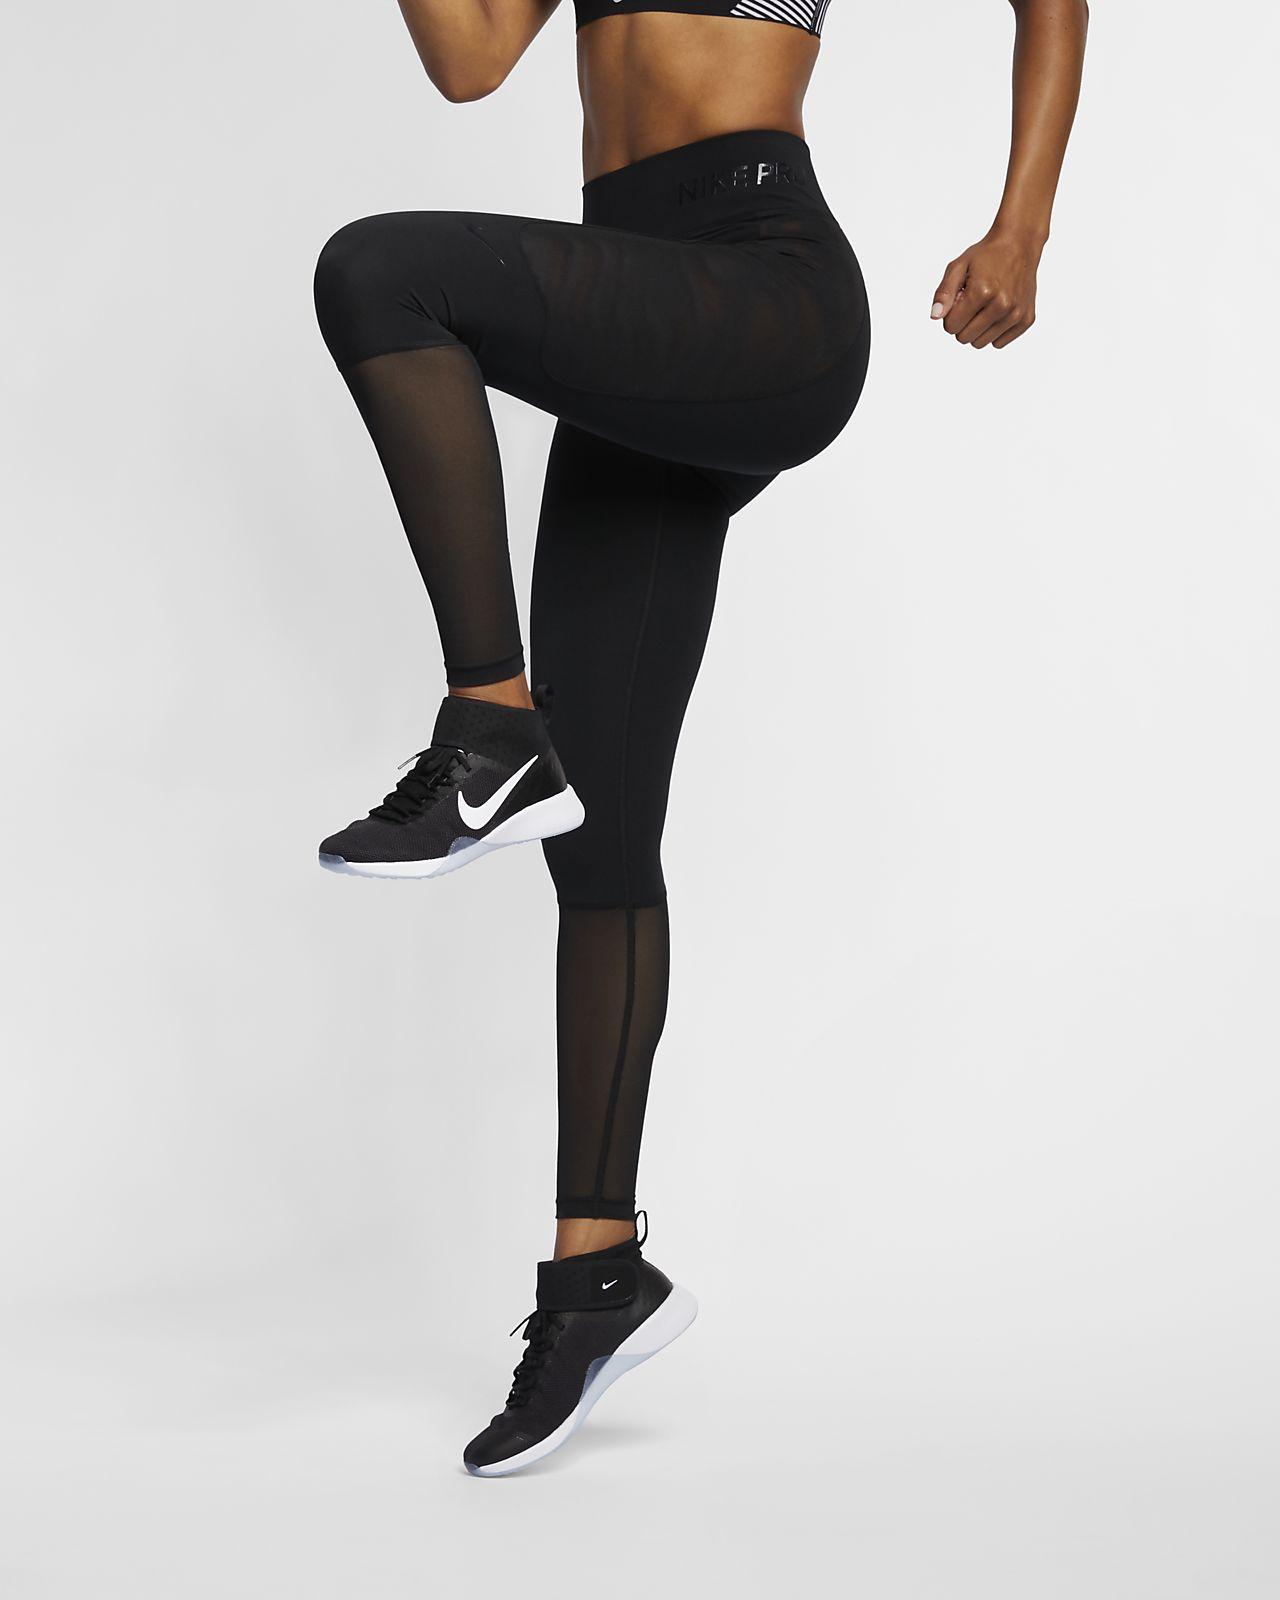 Nike Pro HyperCool Women's Leggings